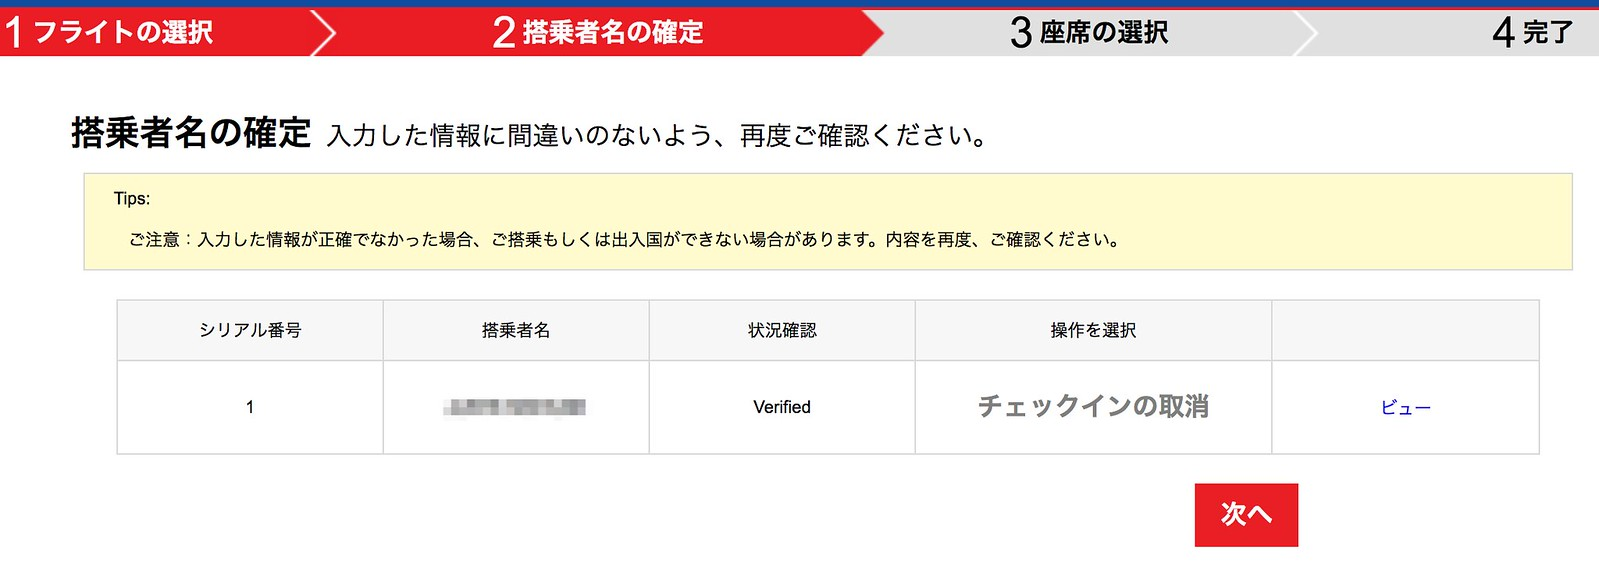 中国国際航空・日本公式サイト-16